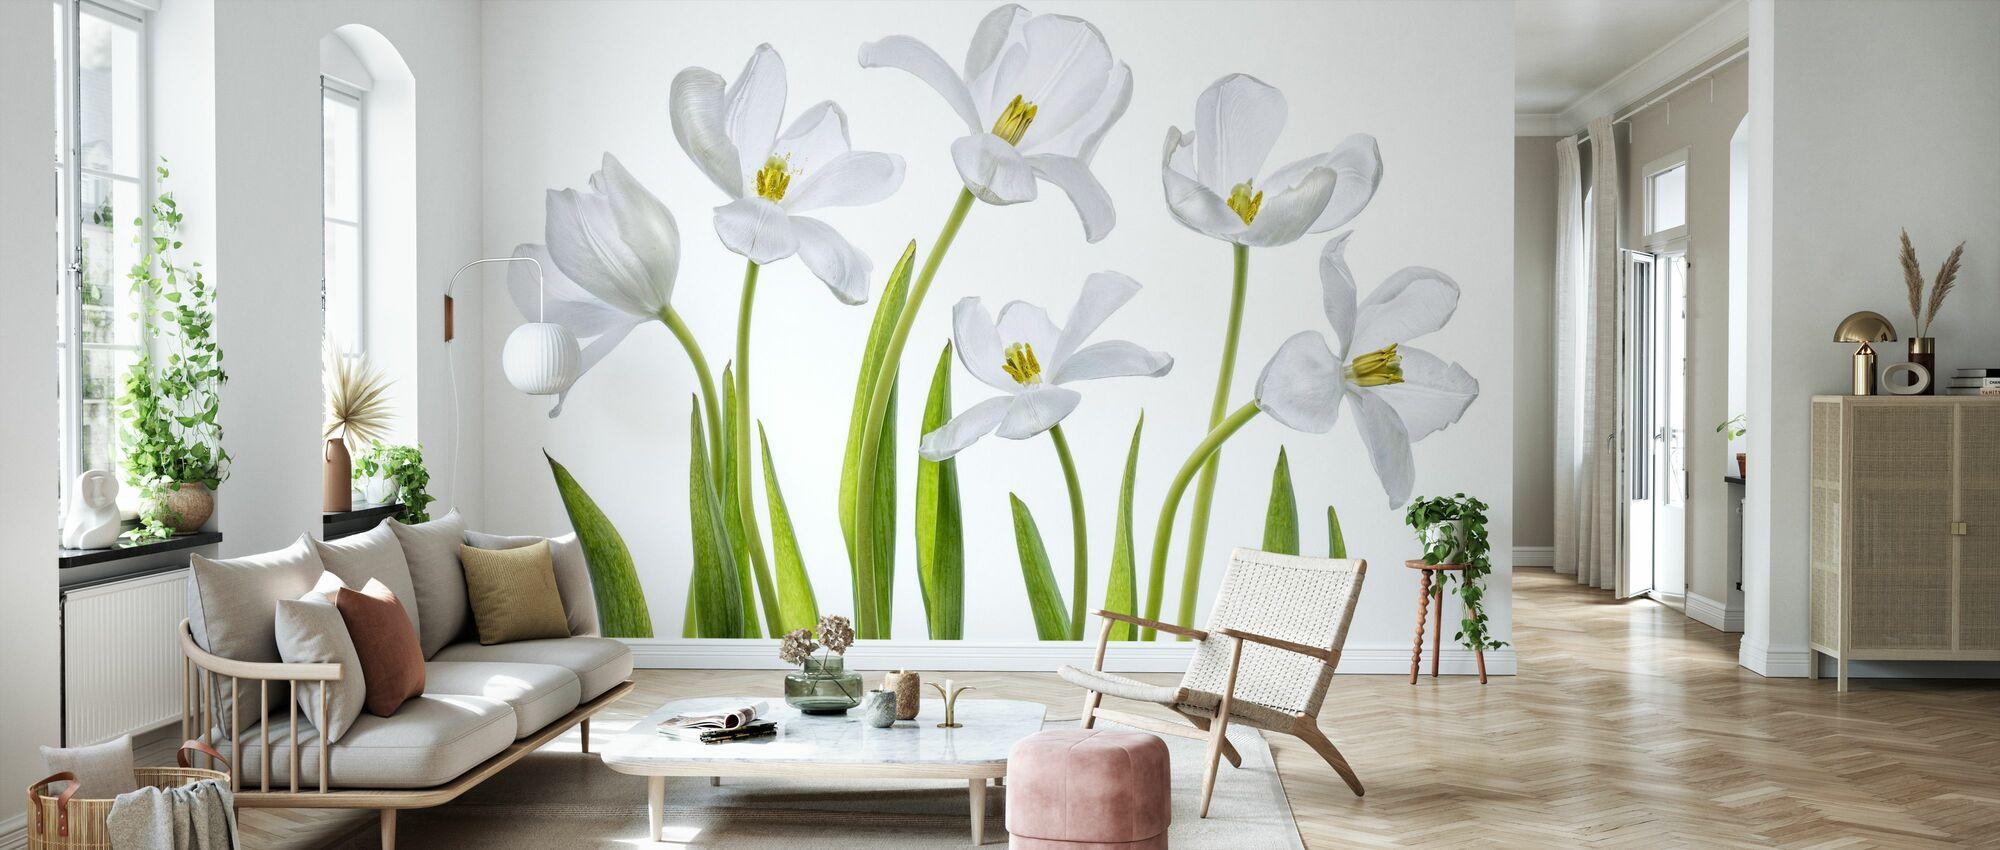 White Tulips - Wallpaper - Living Room